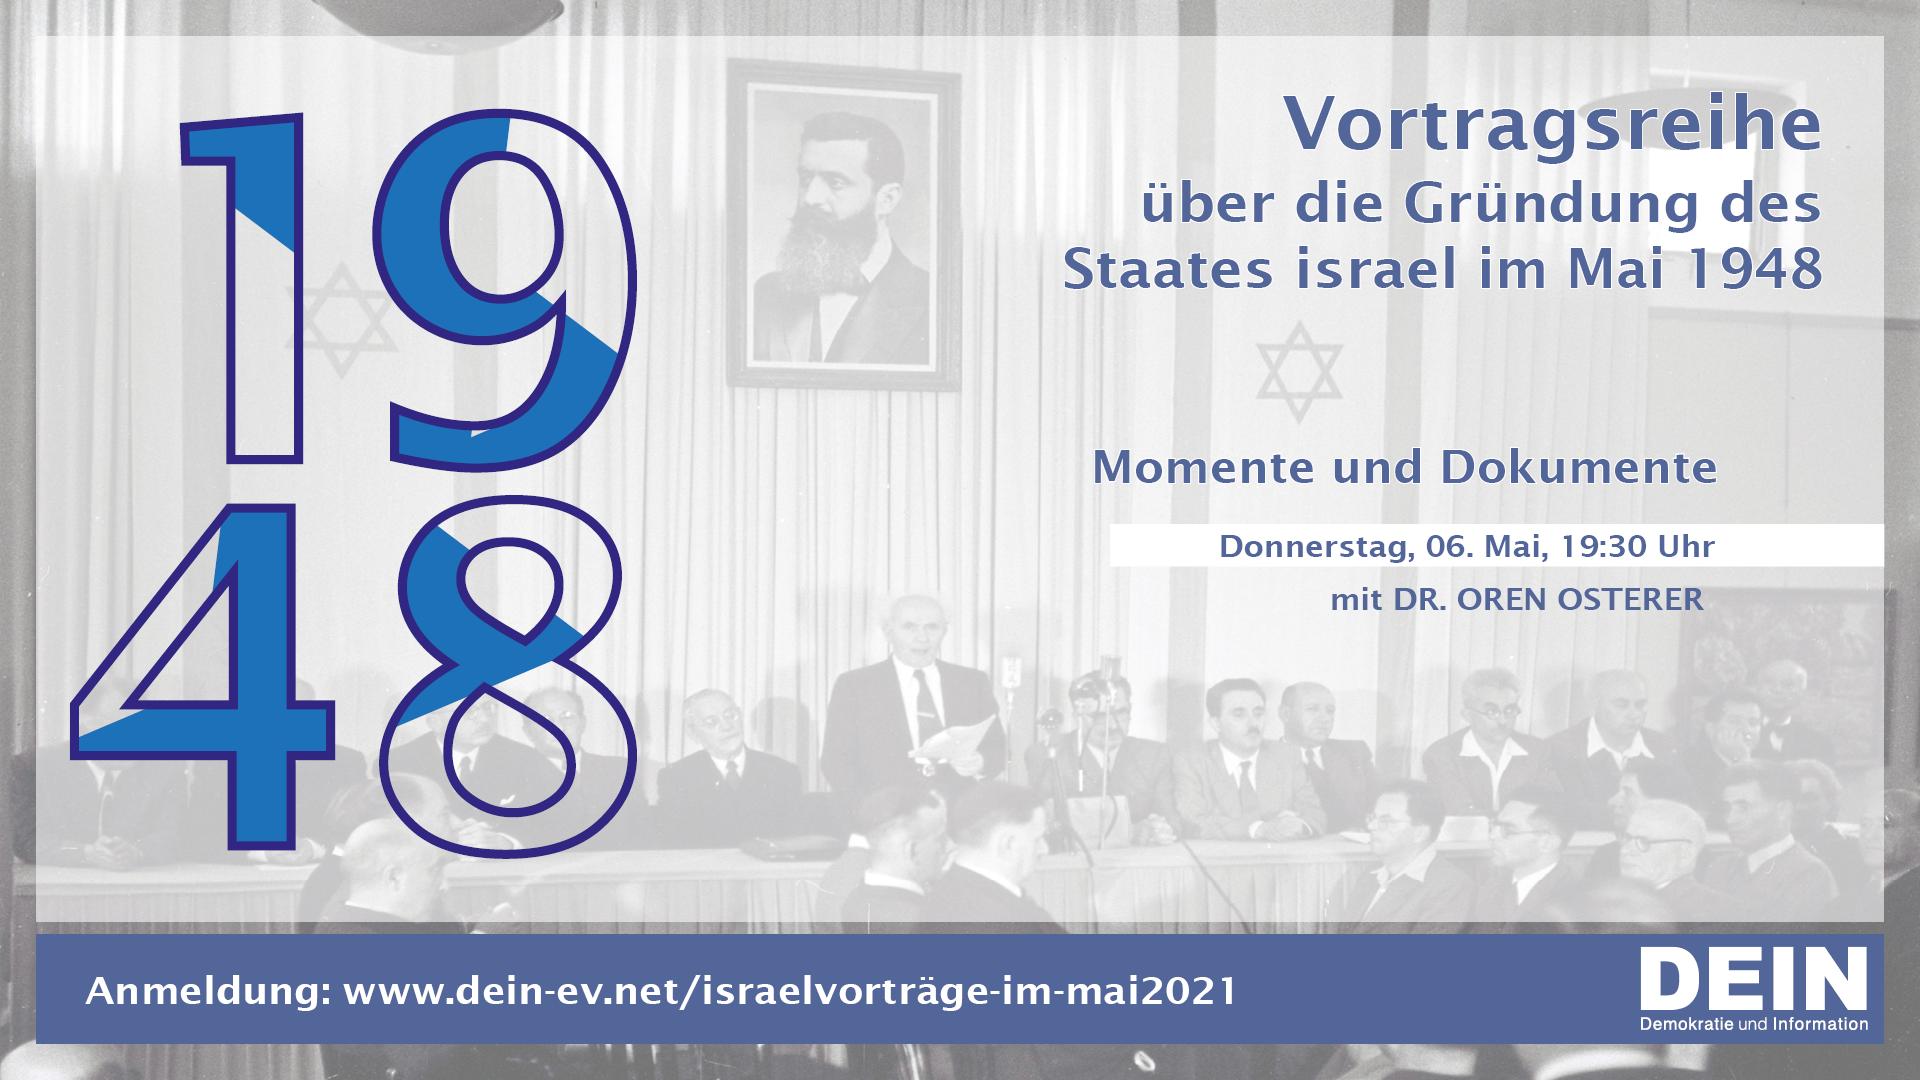 Momente und Dokumente // DEIN-Israelvorträge im Mai